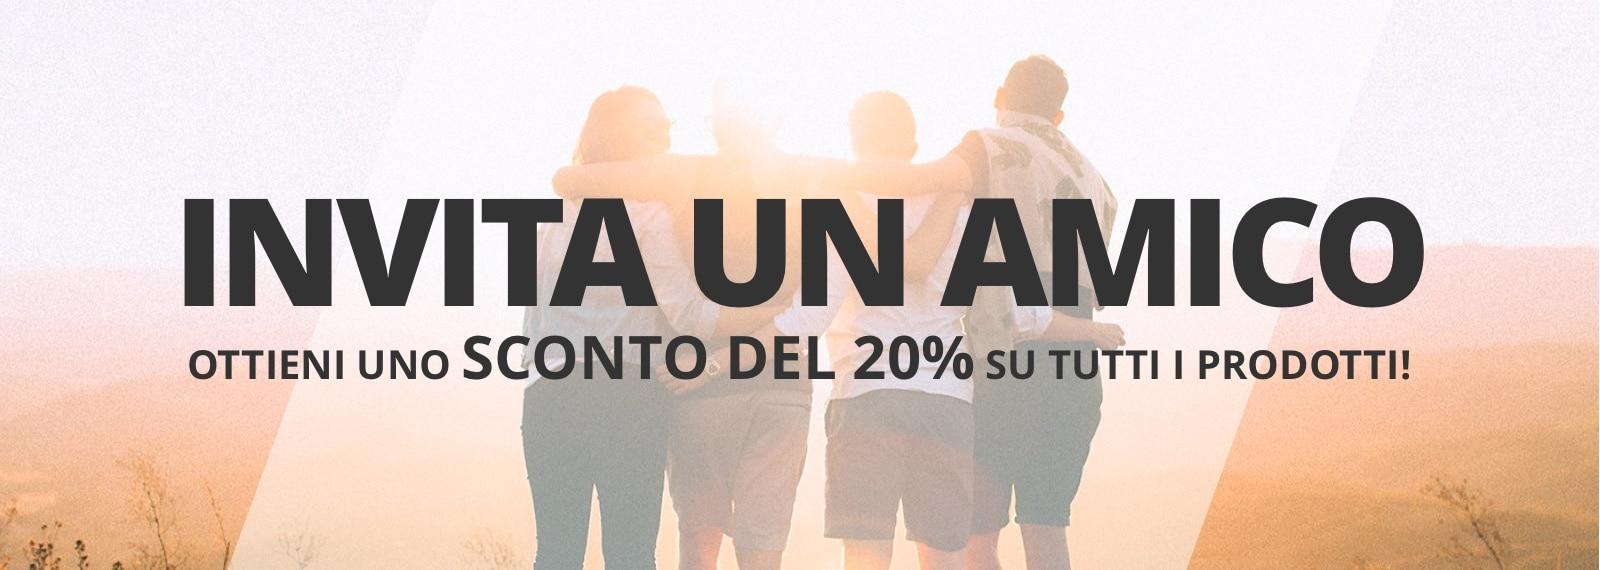 Invita un amico: -20%!